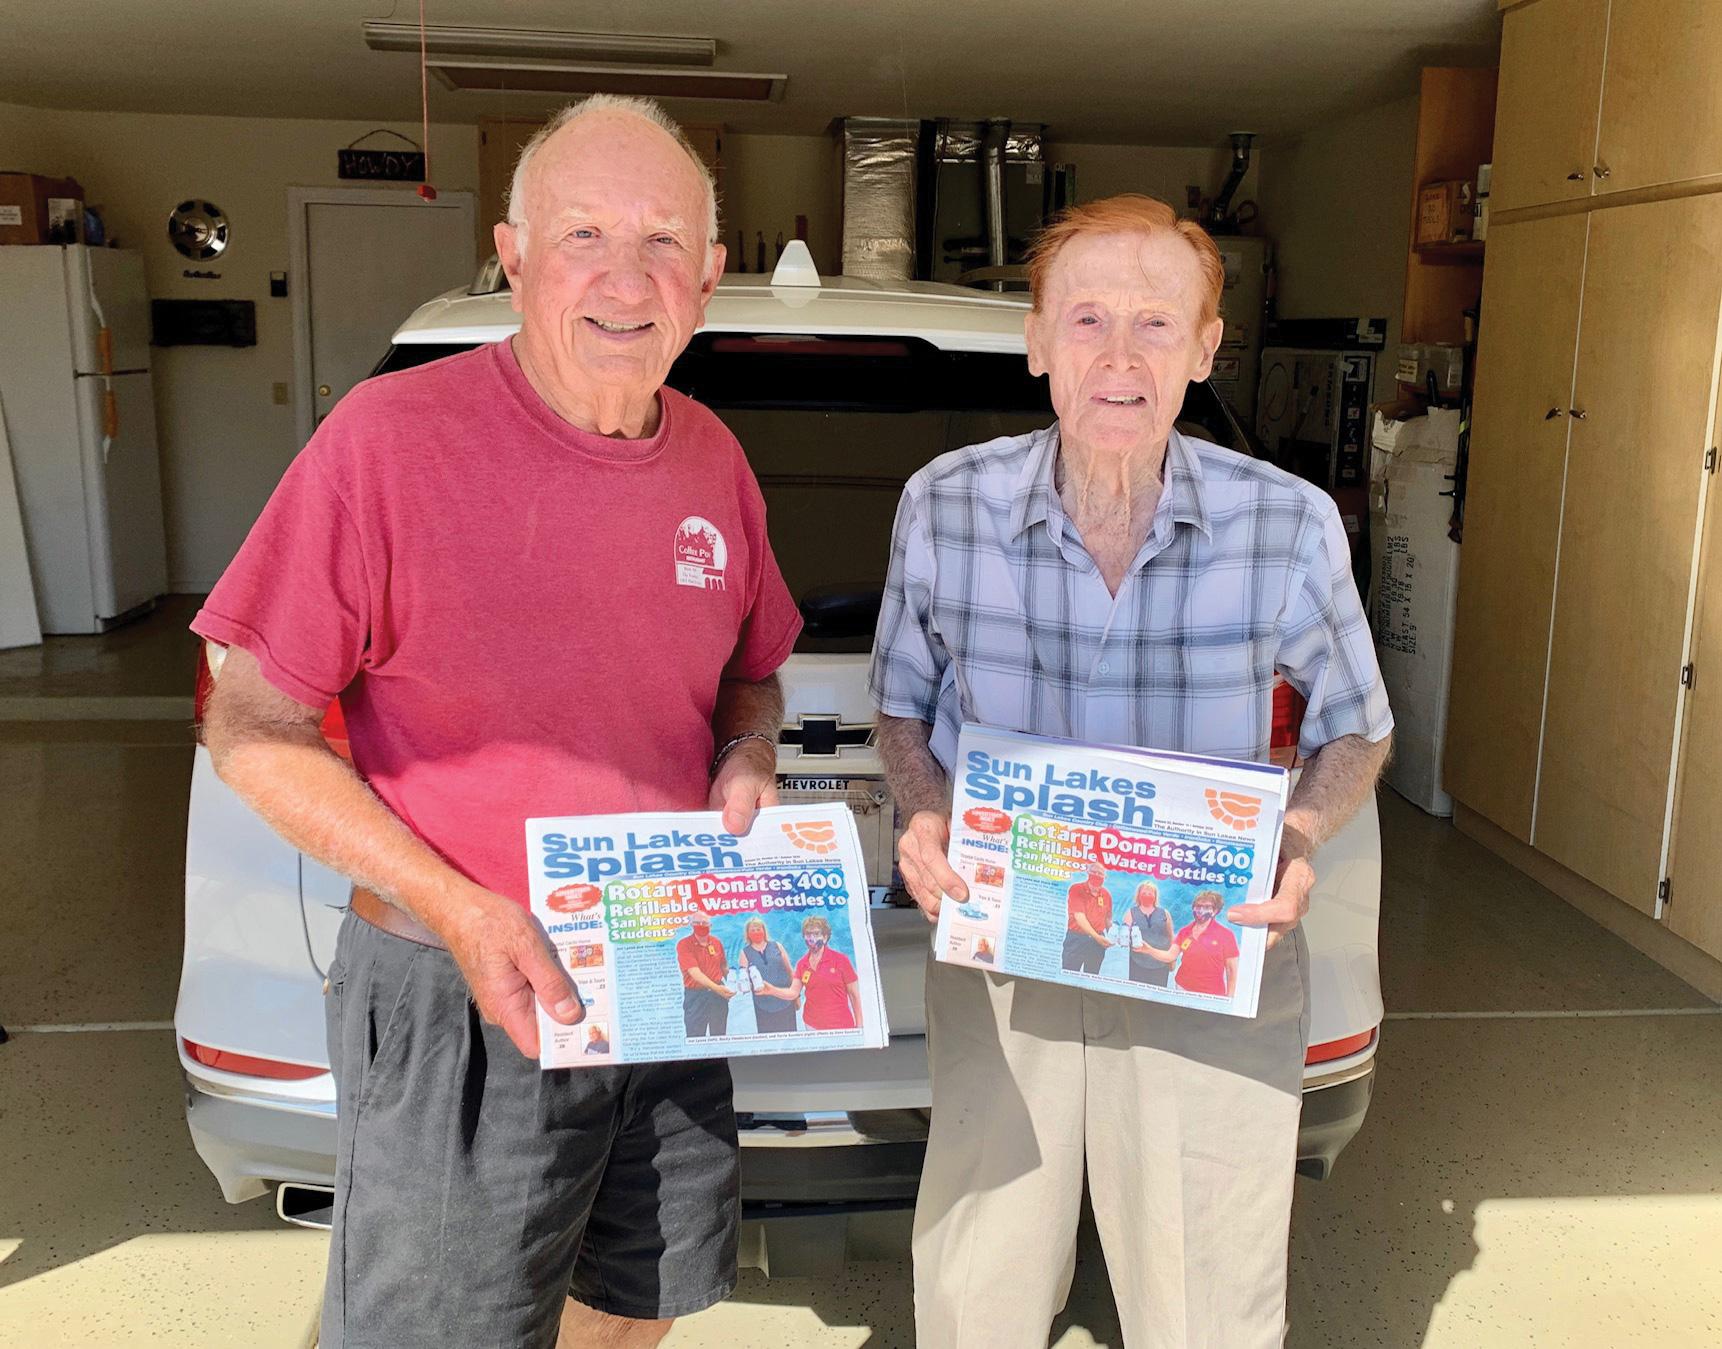 Dan Robins and Jack Holder delivering the Sun Lakes Splash.